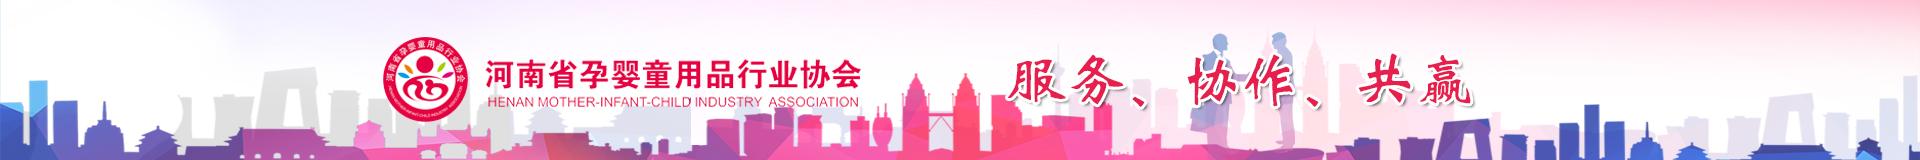 河南省亚博体育app苹果下载地址用品行业协会